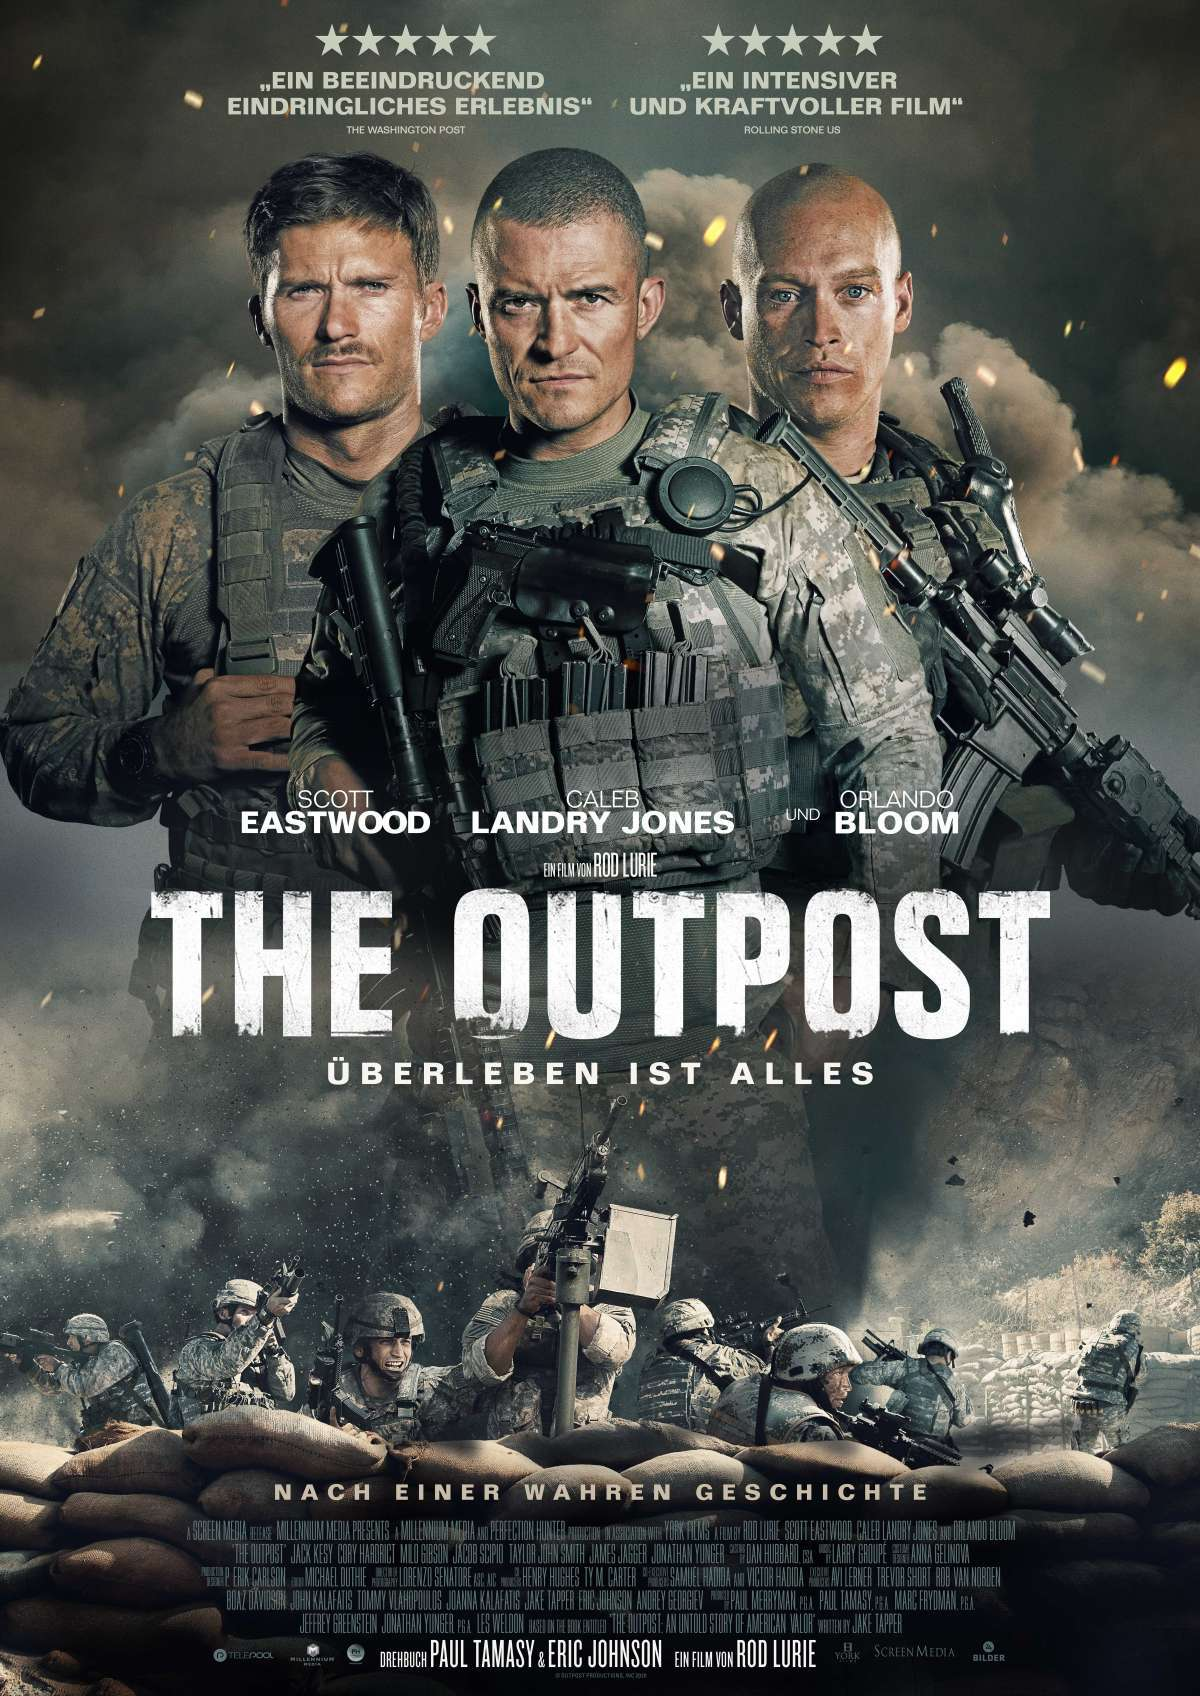 The Outpost - Überleben ist alles - Cineplex  - Kassel